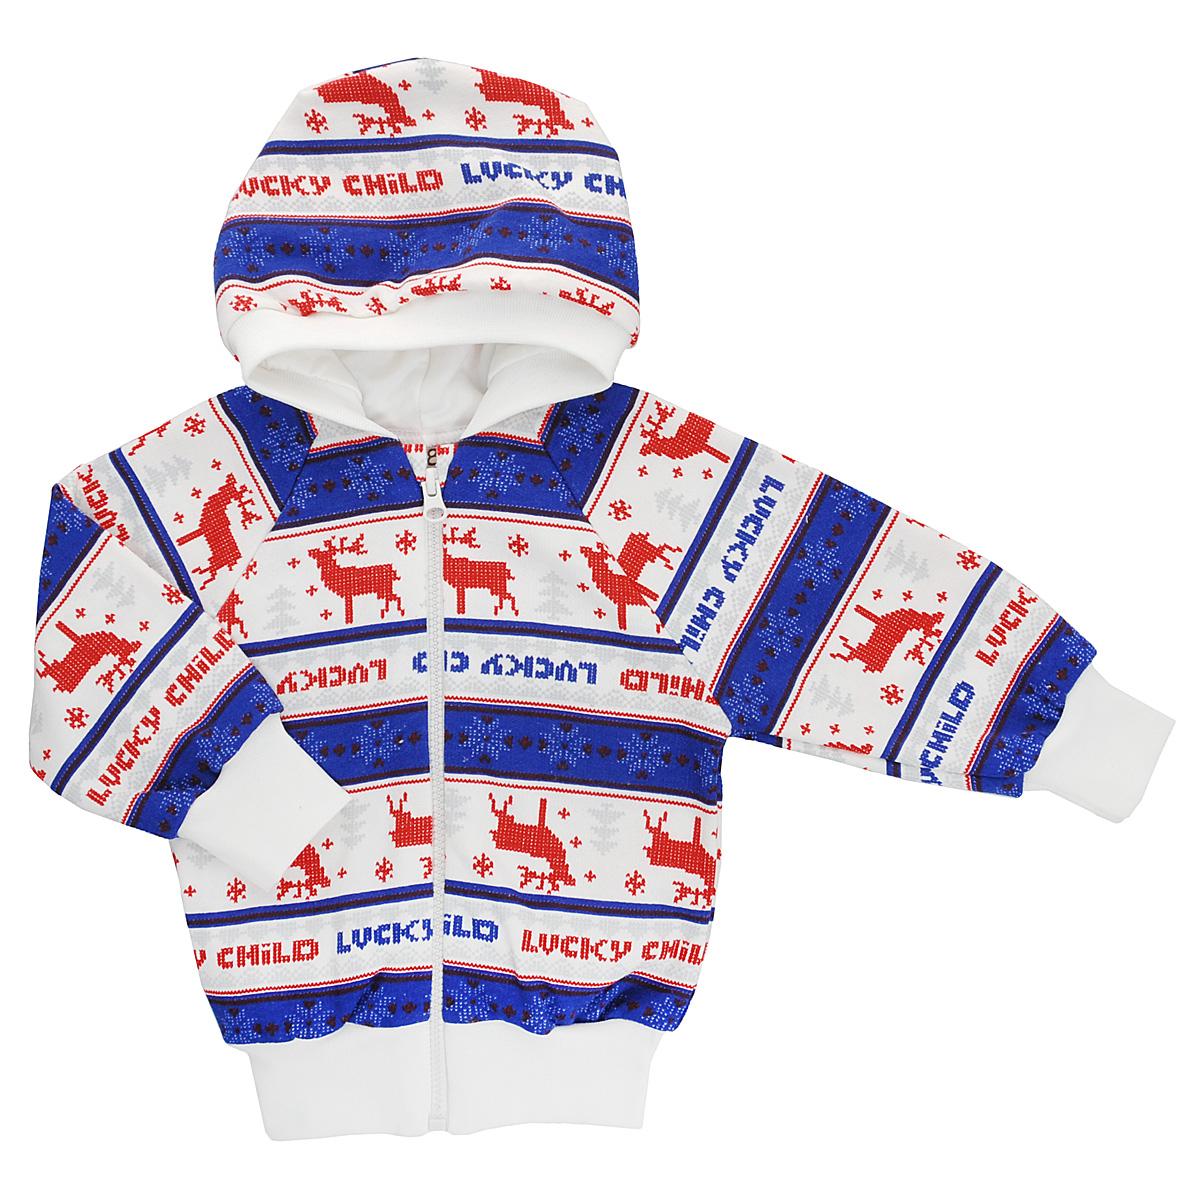 Кофточка детская Lucky Child, цвет: молочный, синий, красный. 10-17. Размер 56/6210-17Кофточка для новорожденного Lucky Child с длинными рукавами-реглан и капюшоном послужит идеальным дополнением к гардеробу вашего малыша, обеспечивая ему наибольший комфорт. Изготовленная из натурального хлопка, она необычайно мягкая и легкая, не раздражает нежную кожу ребенка и хорошо вентилируется, а эластичные швы приятны телу малыша и не препятствуют его движениям. Лицевая сторона гладкая, а изнаночная - с мягким теплым начесом.Удобная застежка-молния по всей длине помогает легко переодеть младенца. Рукава понизу дополнены широкими трикотажными манжетами, не стягивающими запястья. Понизу также проходит широкая трикотажная резинка. Оформлена модель модным скандинавским принтом. Кофточка полностью соответствует особенностям жизни ребенка в ранний период, не стесняя и не ограничивая его в движениях. В ней ваш младенец всегда будет в центре внимания.